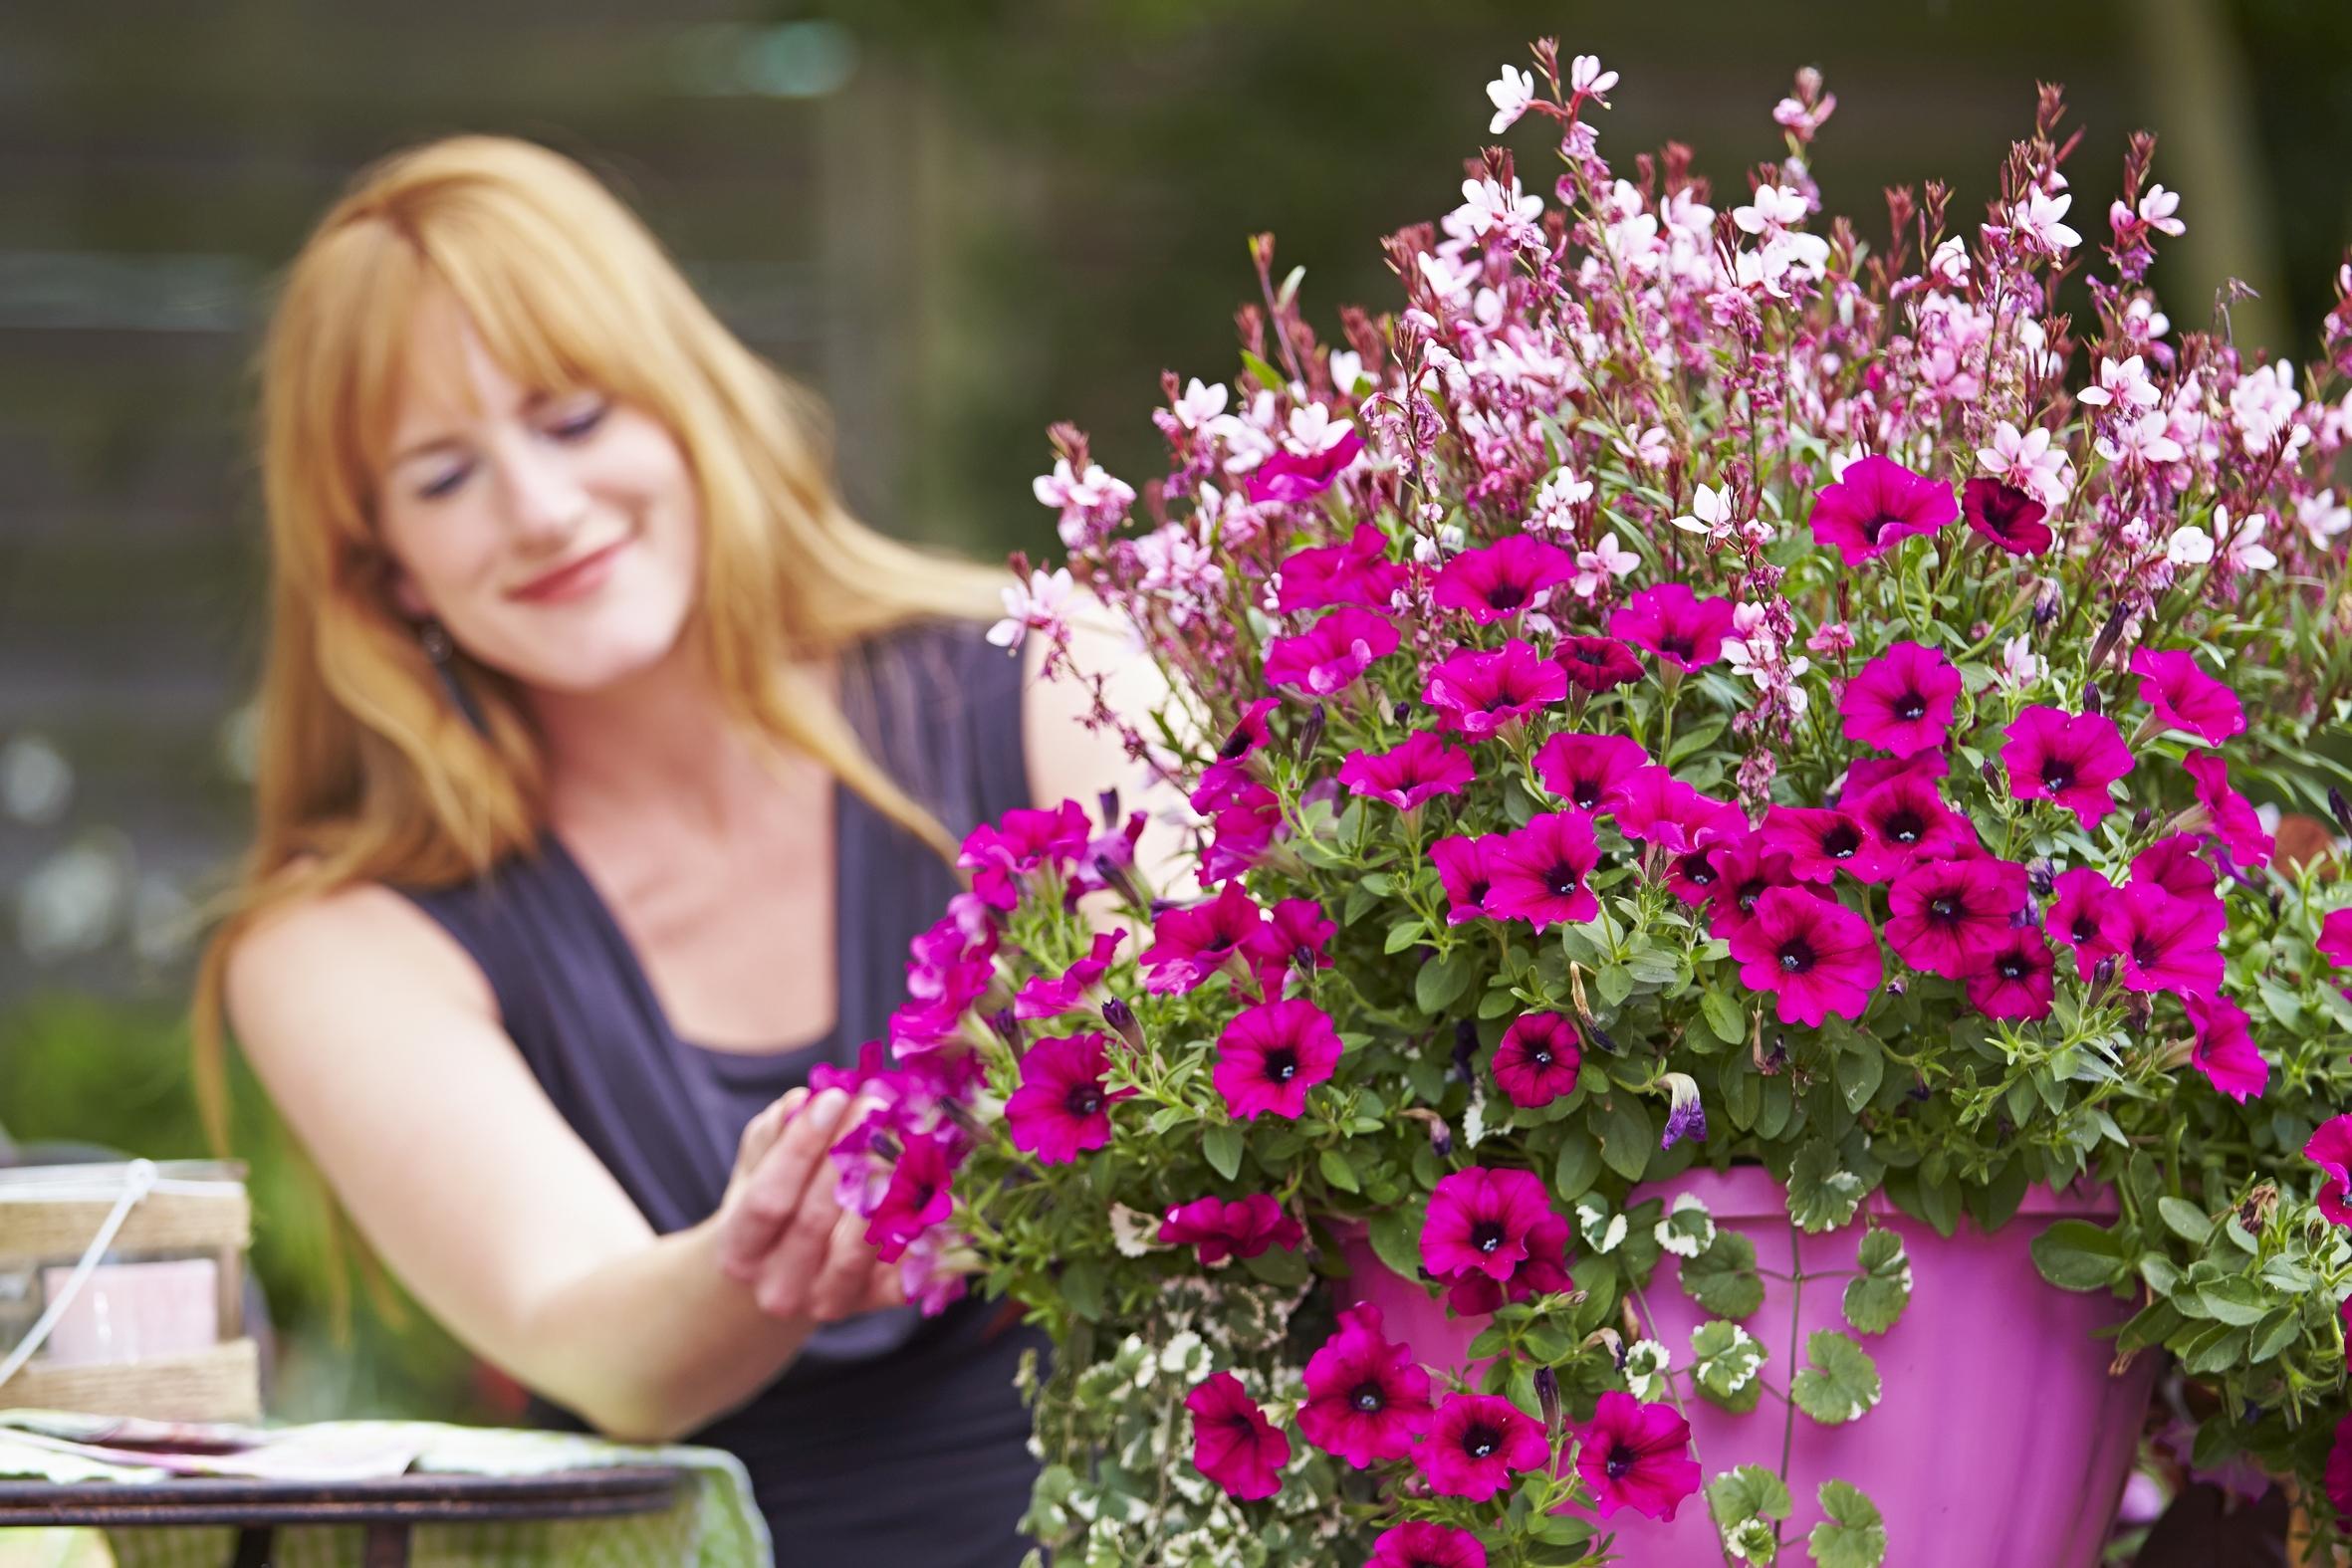 Auf gute Nachbarschaft: Mit Blumen und Pflanzen Freude bereiten